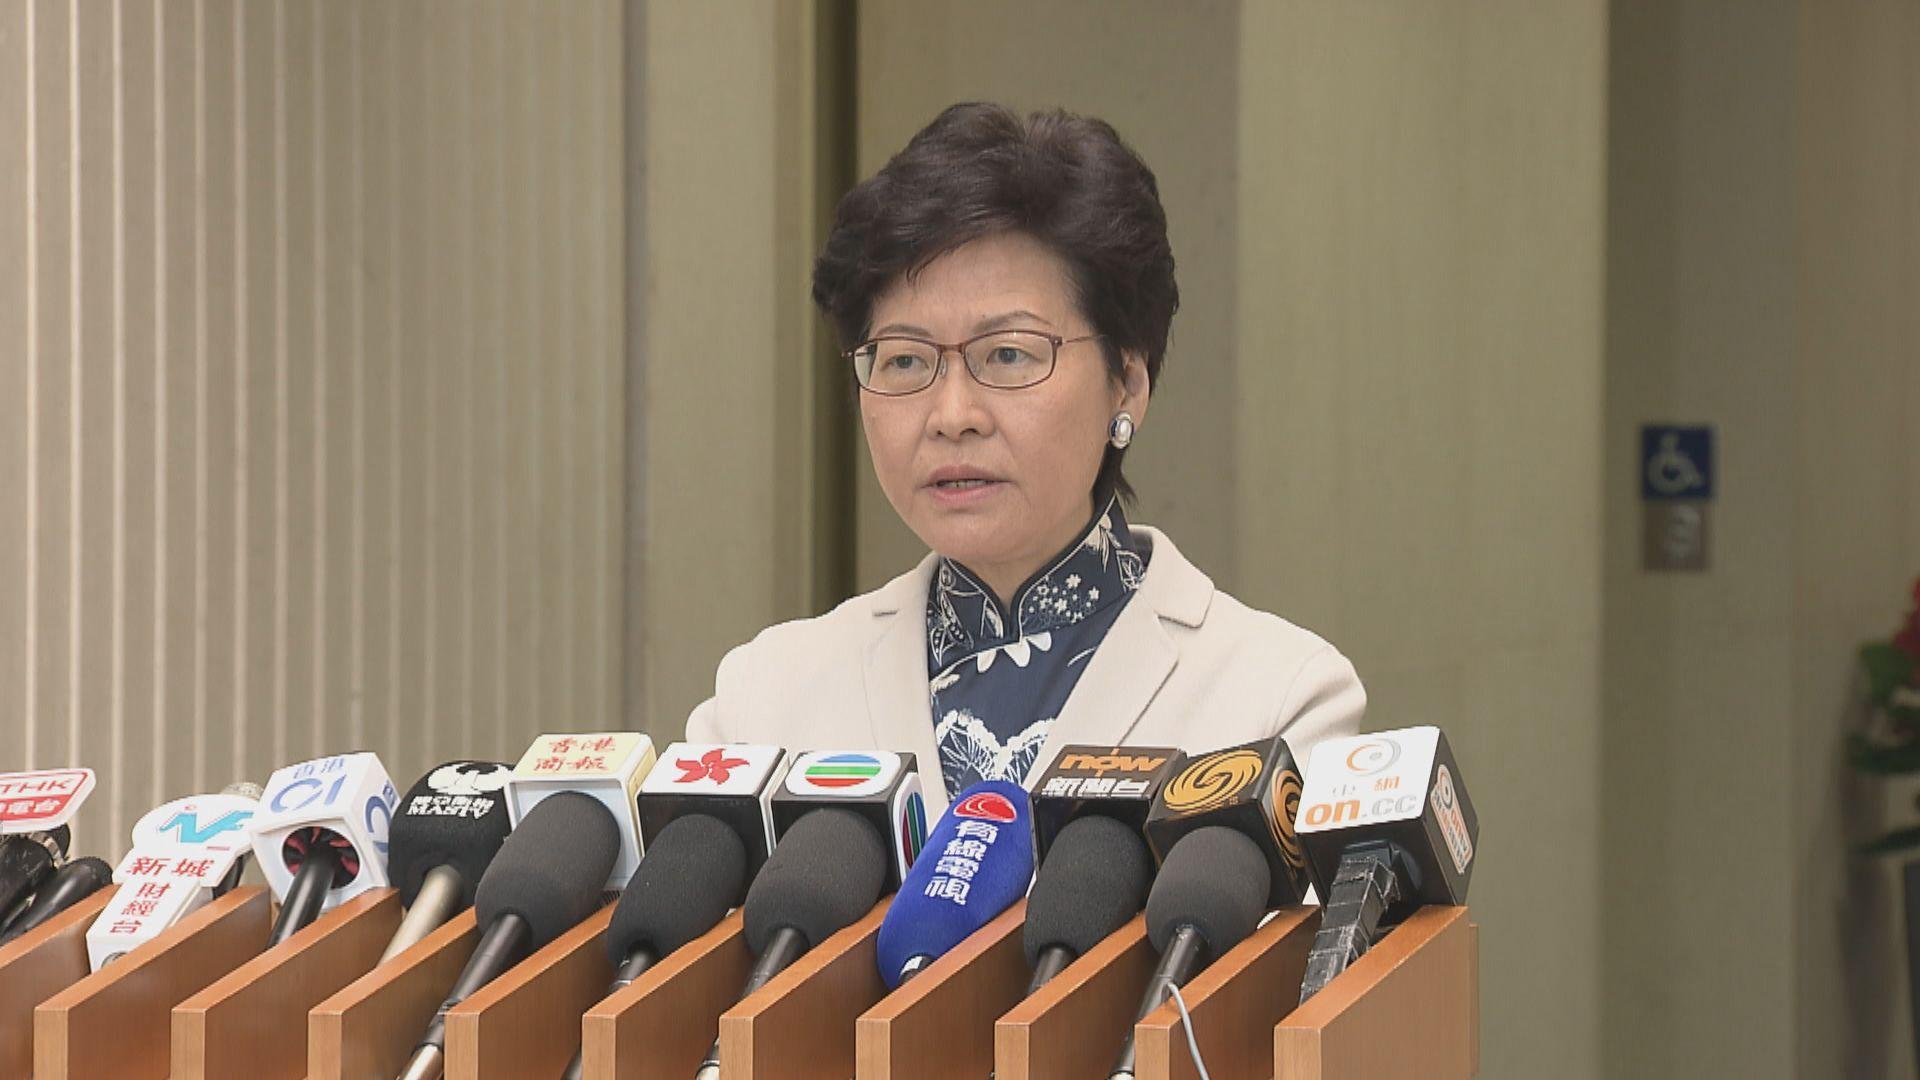 林鄭:朱凱廸參與鄉郊代表提名無效是根據相關選舉條例